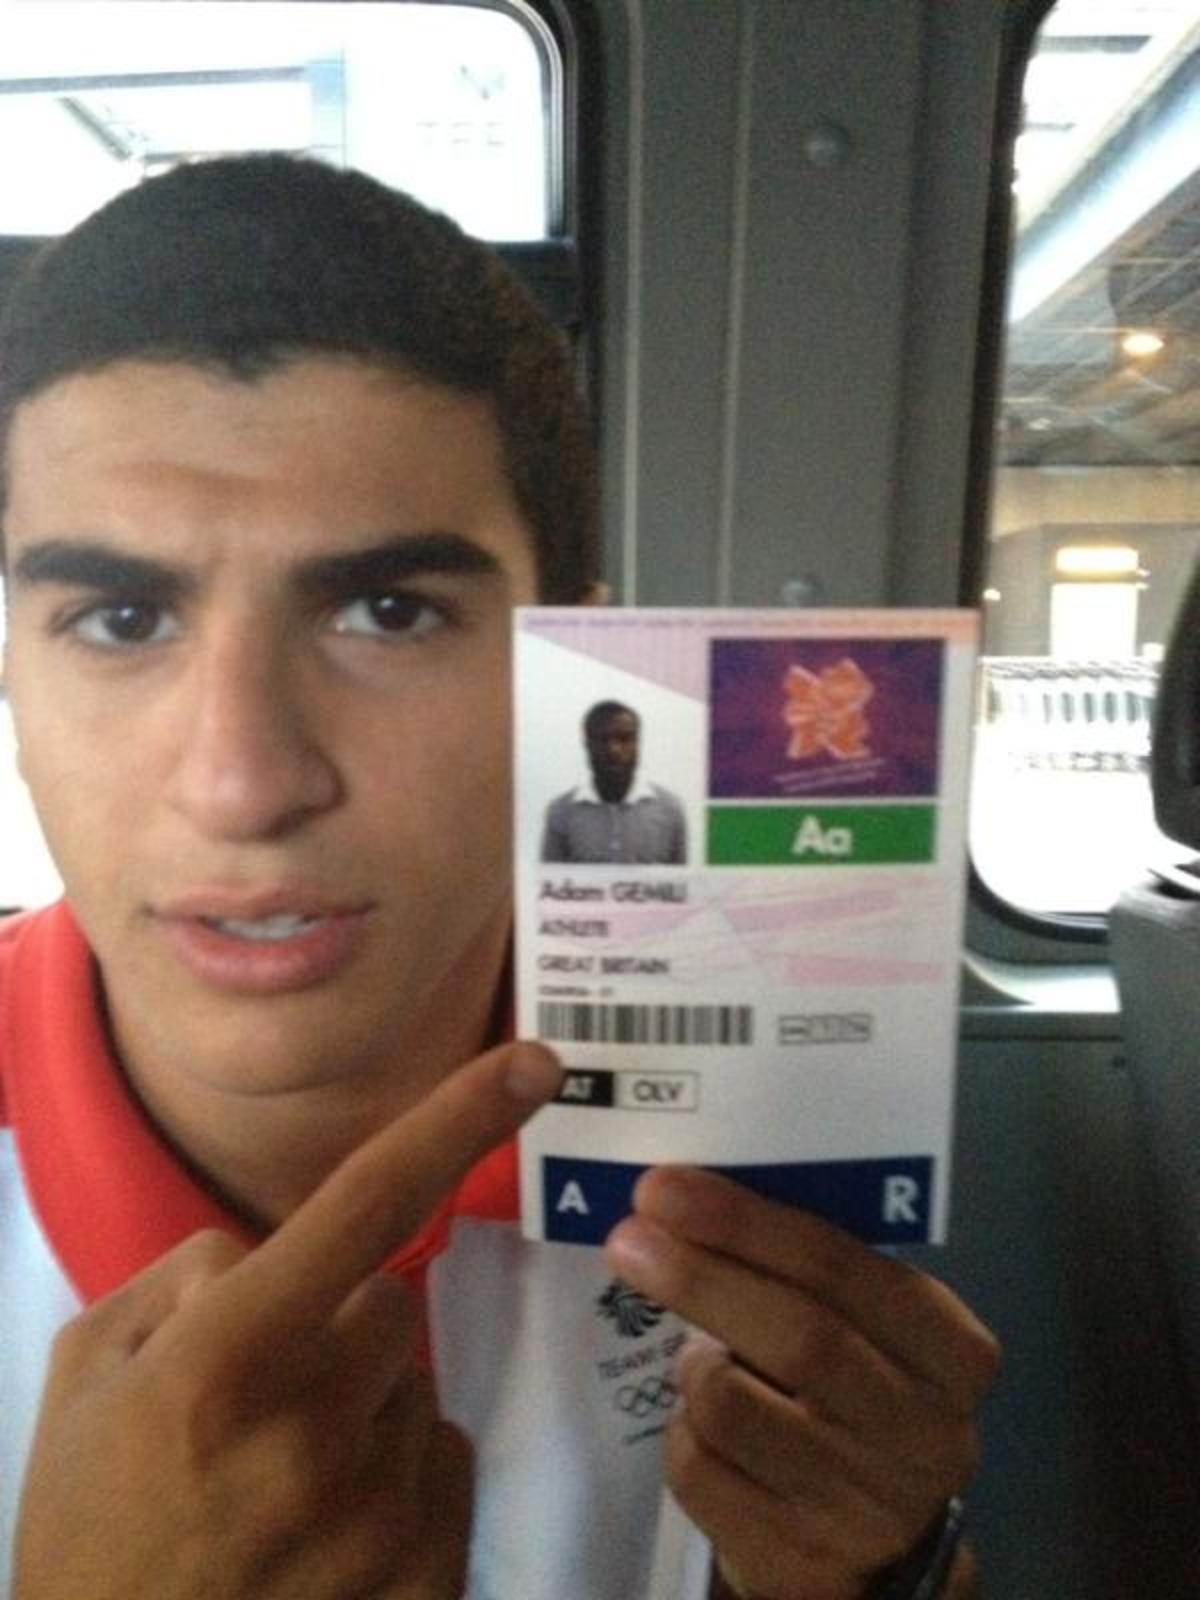 Νεα γκάφα! Έδωσαν σε λευκό βρετανό αθλητή διαπίστευση με φωτογραφία μαύρου | Newsit.gr